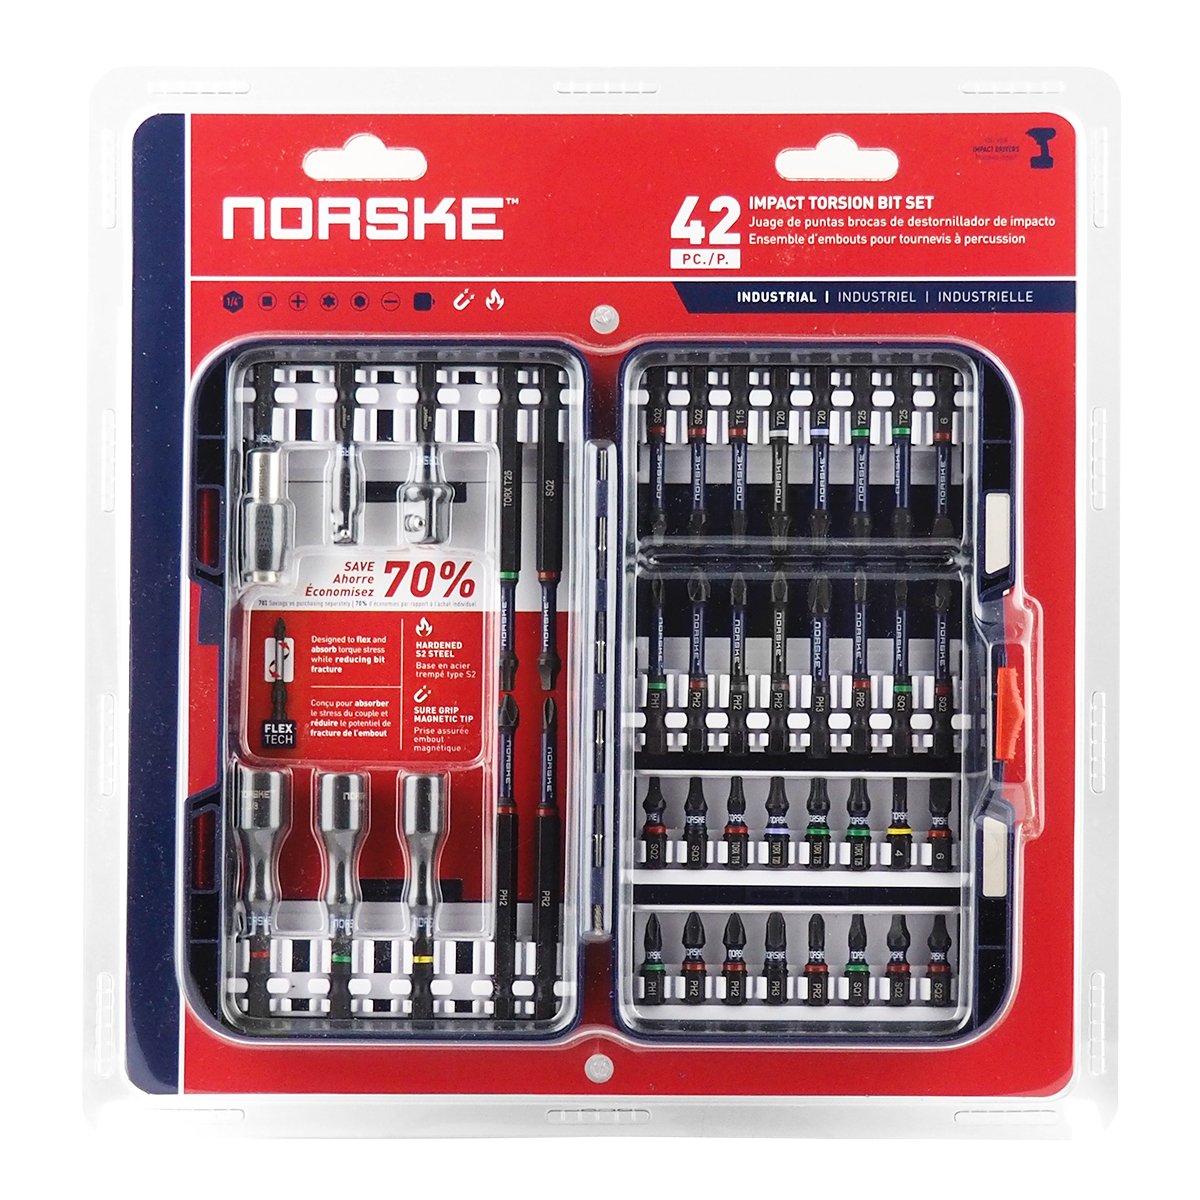 Norske NIBPI703 Set de brocas de torsión de 42 Pz